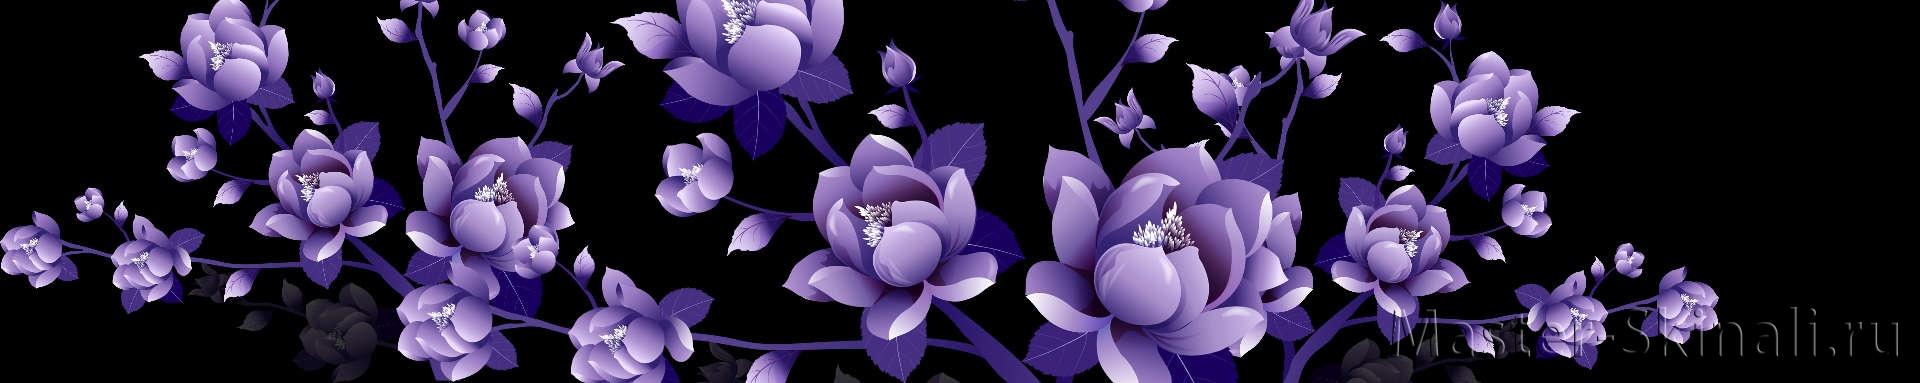 розы нью фото